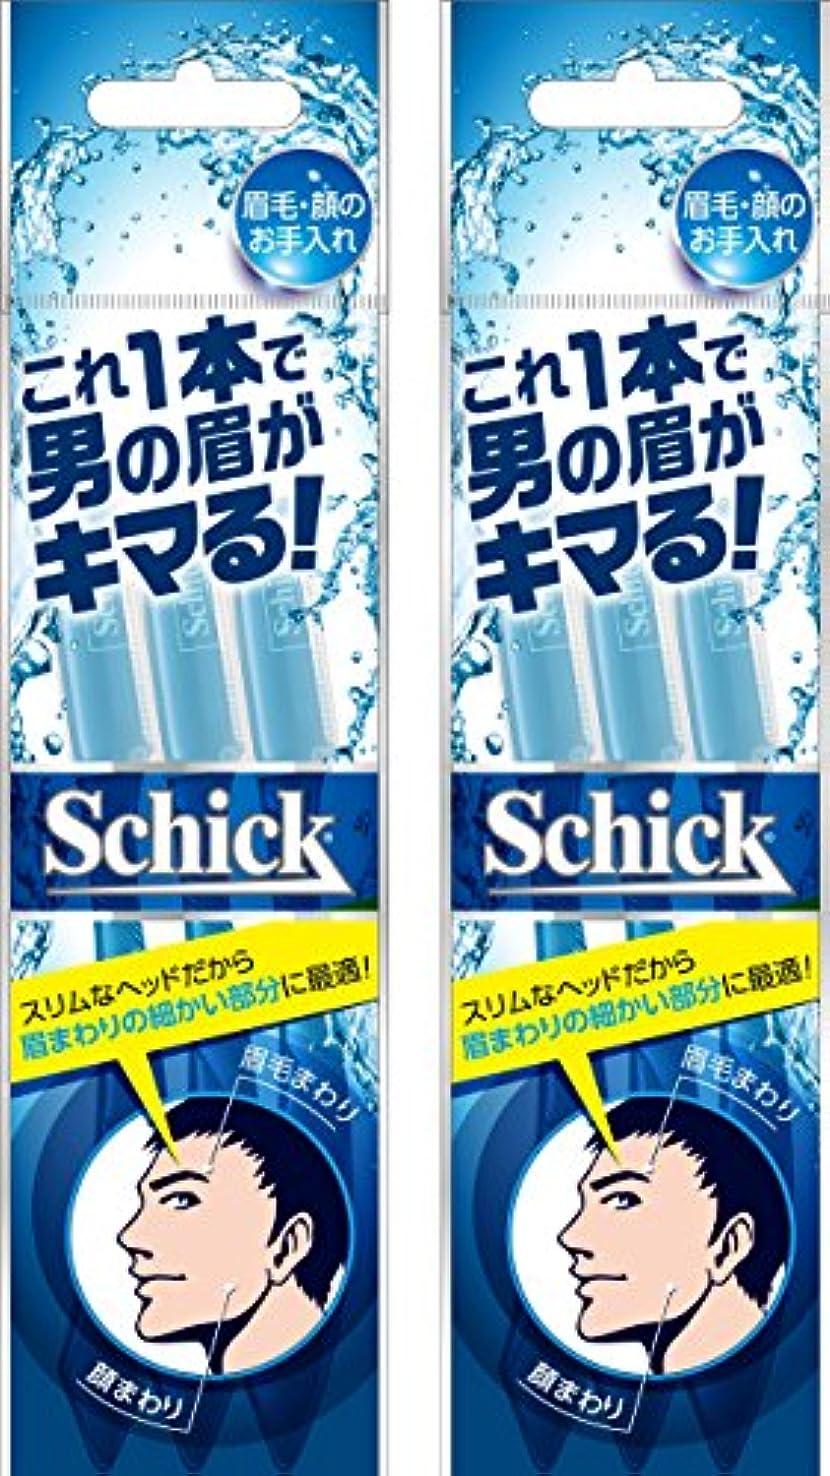 ようこそ津波博物館Schick(シック) シック Schick メンズ Lディスポ 使い捨て 顔?眉毛用 セーフティガード付 男性 フェイス 単品 3本入×2個